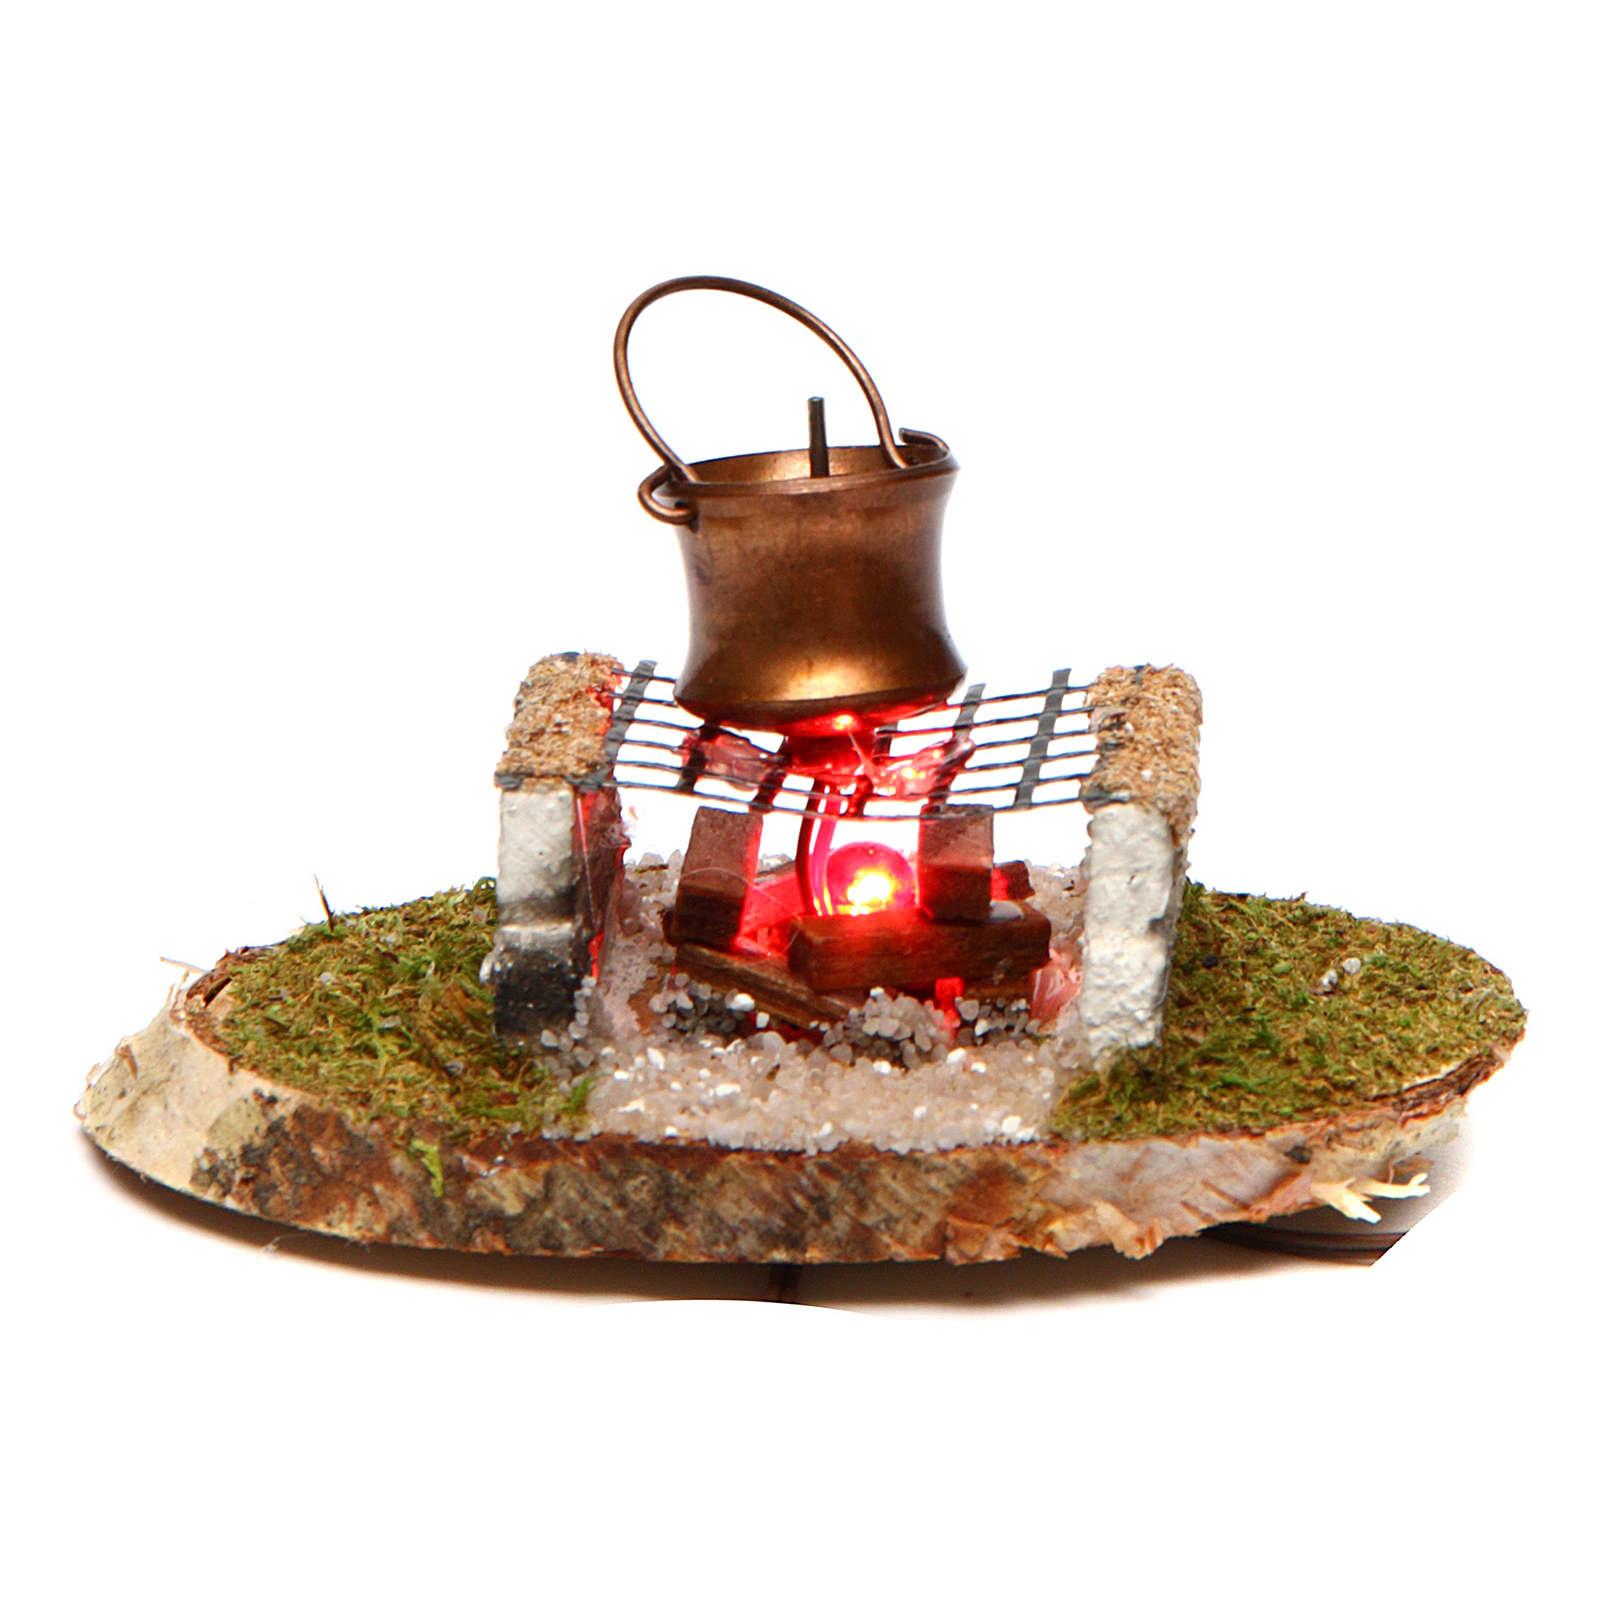 Olla sobre chimenea de parrilla y piedra 4,5 V 4